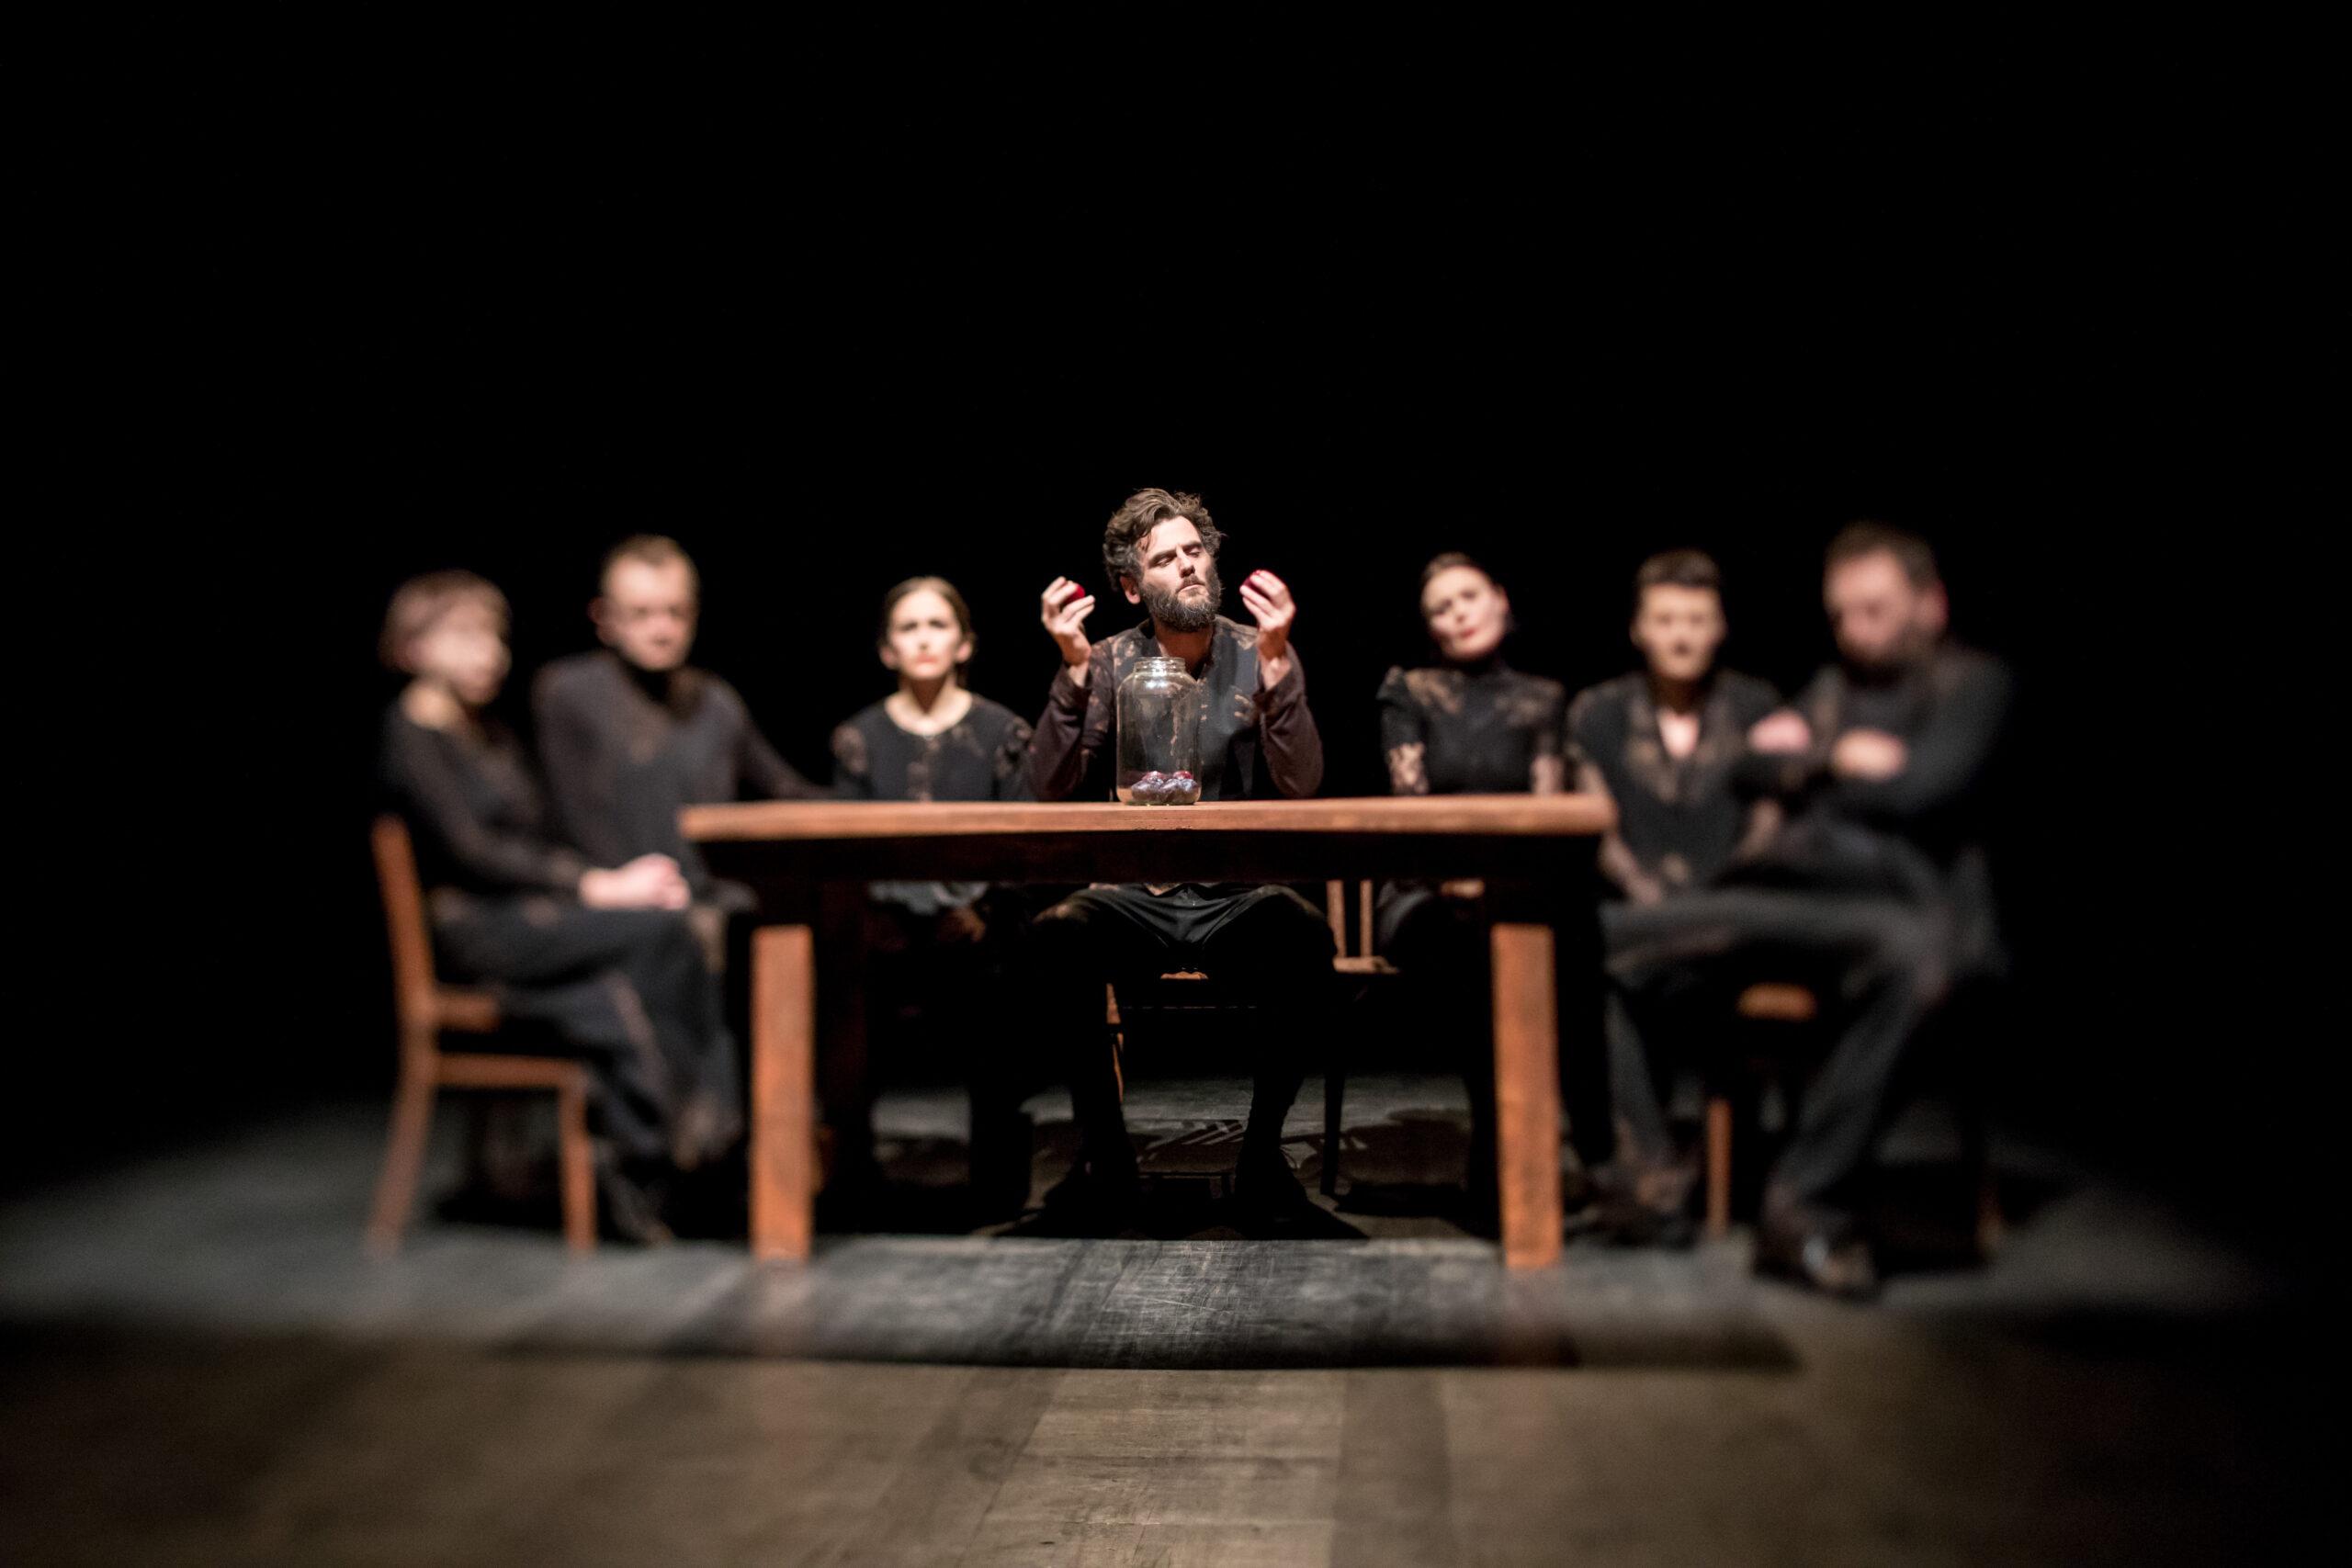 Fotografia przedstawia 7 osób w czerni siedzących przy stole. Centralna osoba jest wyraźna, pozostałe są rozmazane